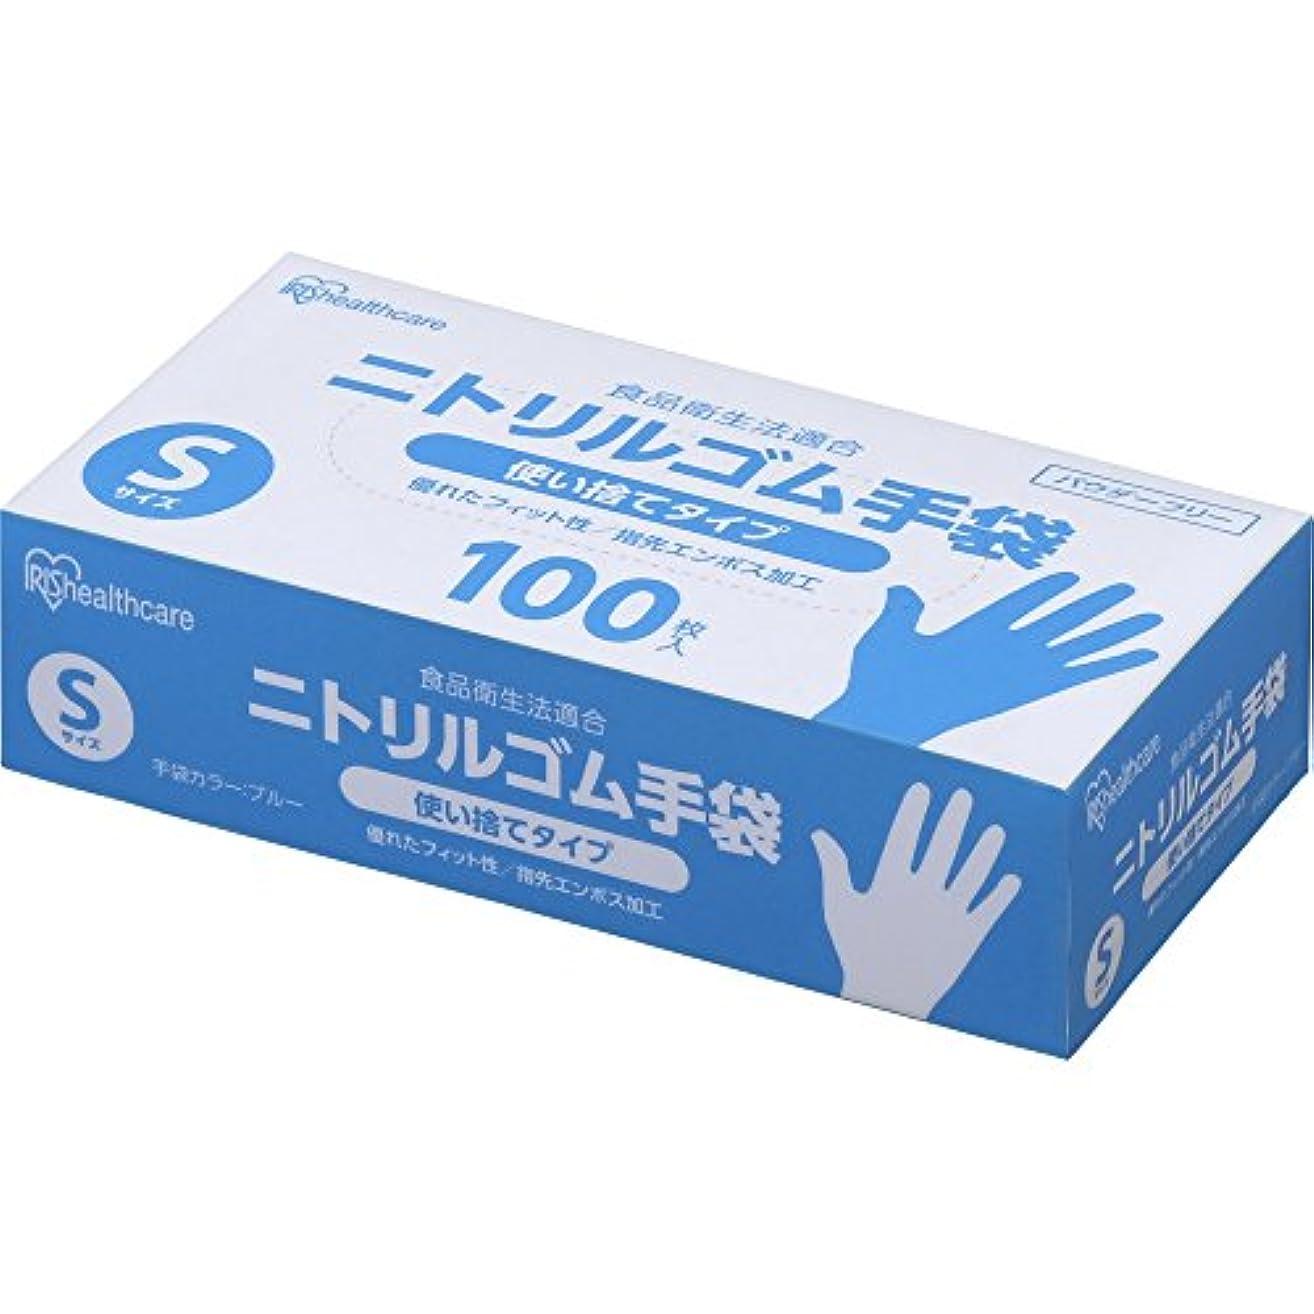 気候の山残基音アイリスオーヤマ 使い捨て手袋 ブルー ニトリルゴム 100枚 Sサイズ 業務用